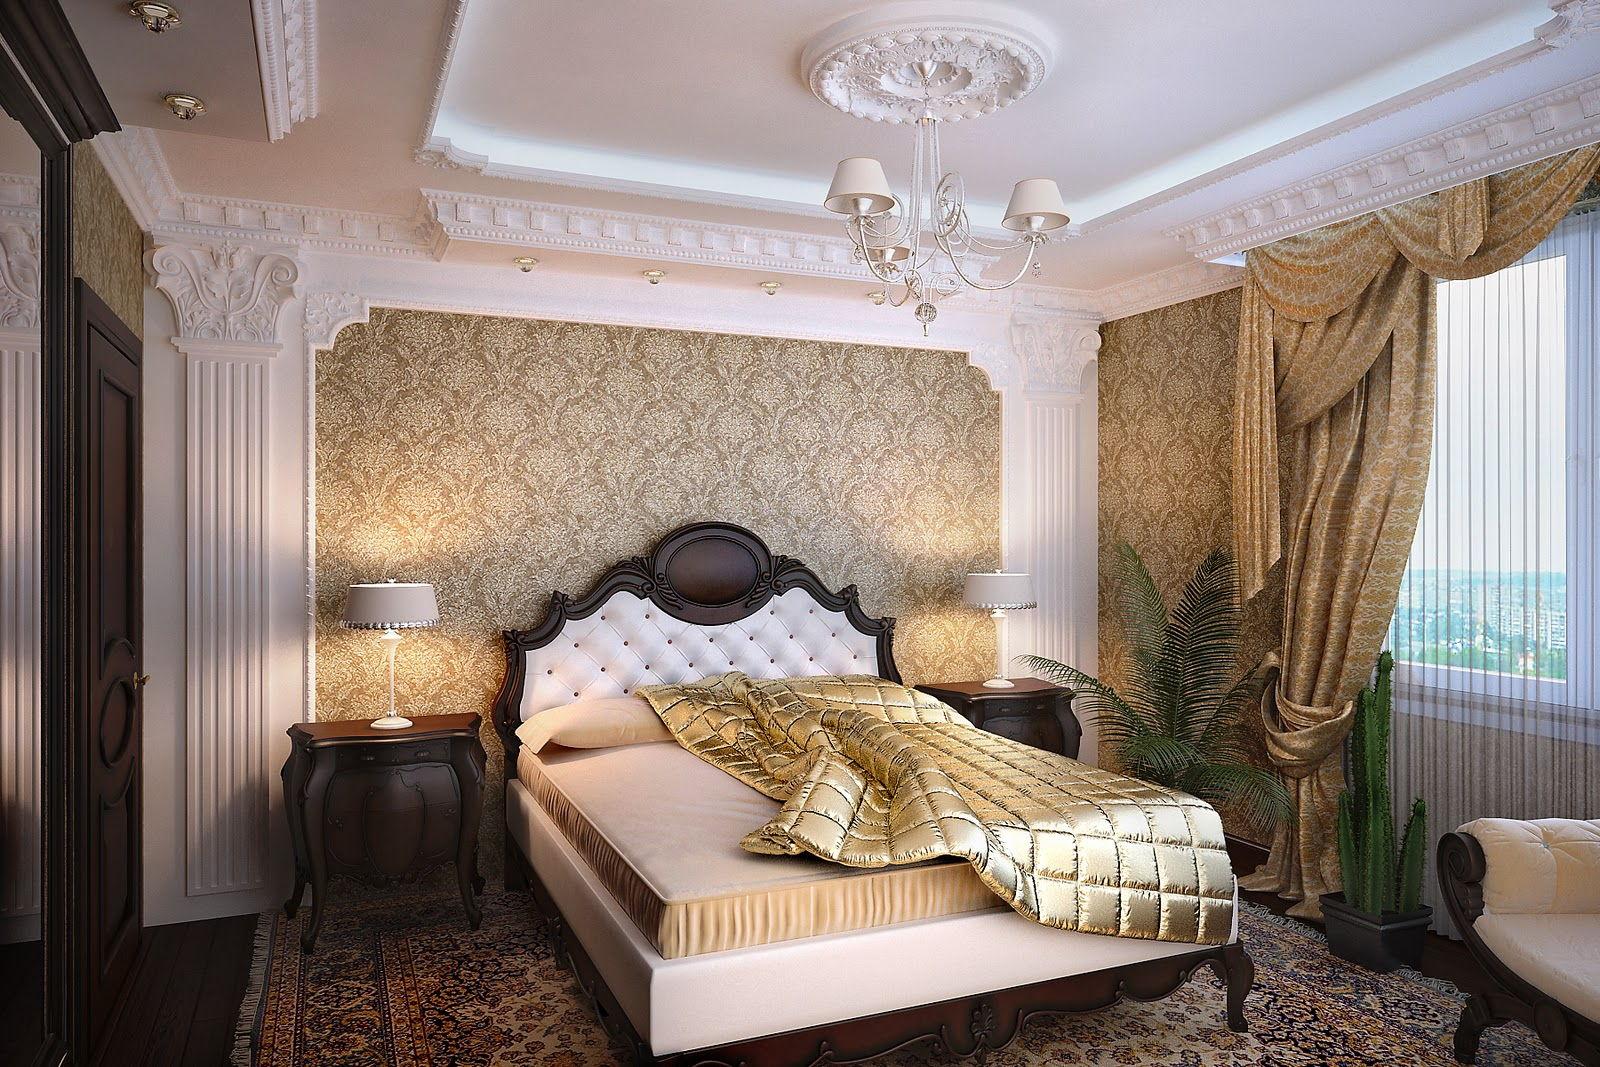 оформление стен в классической спальне фото памятников могилу включает